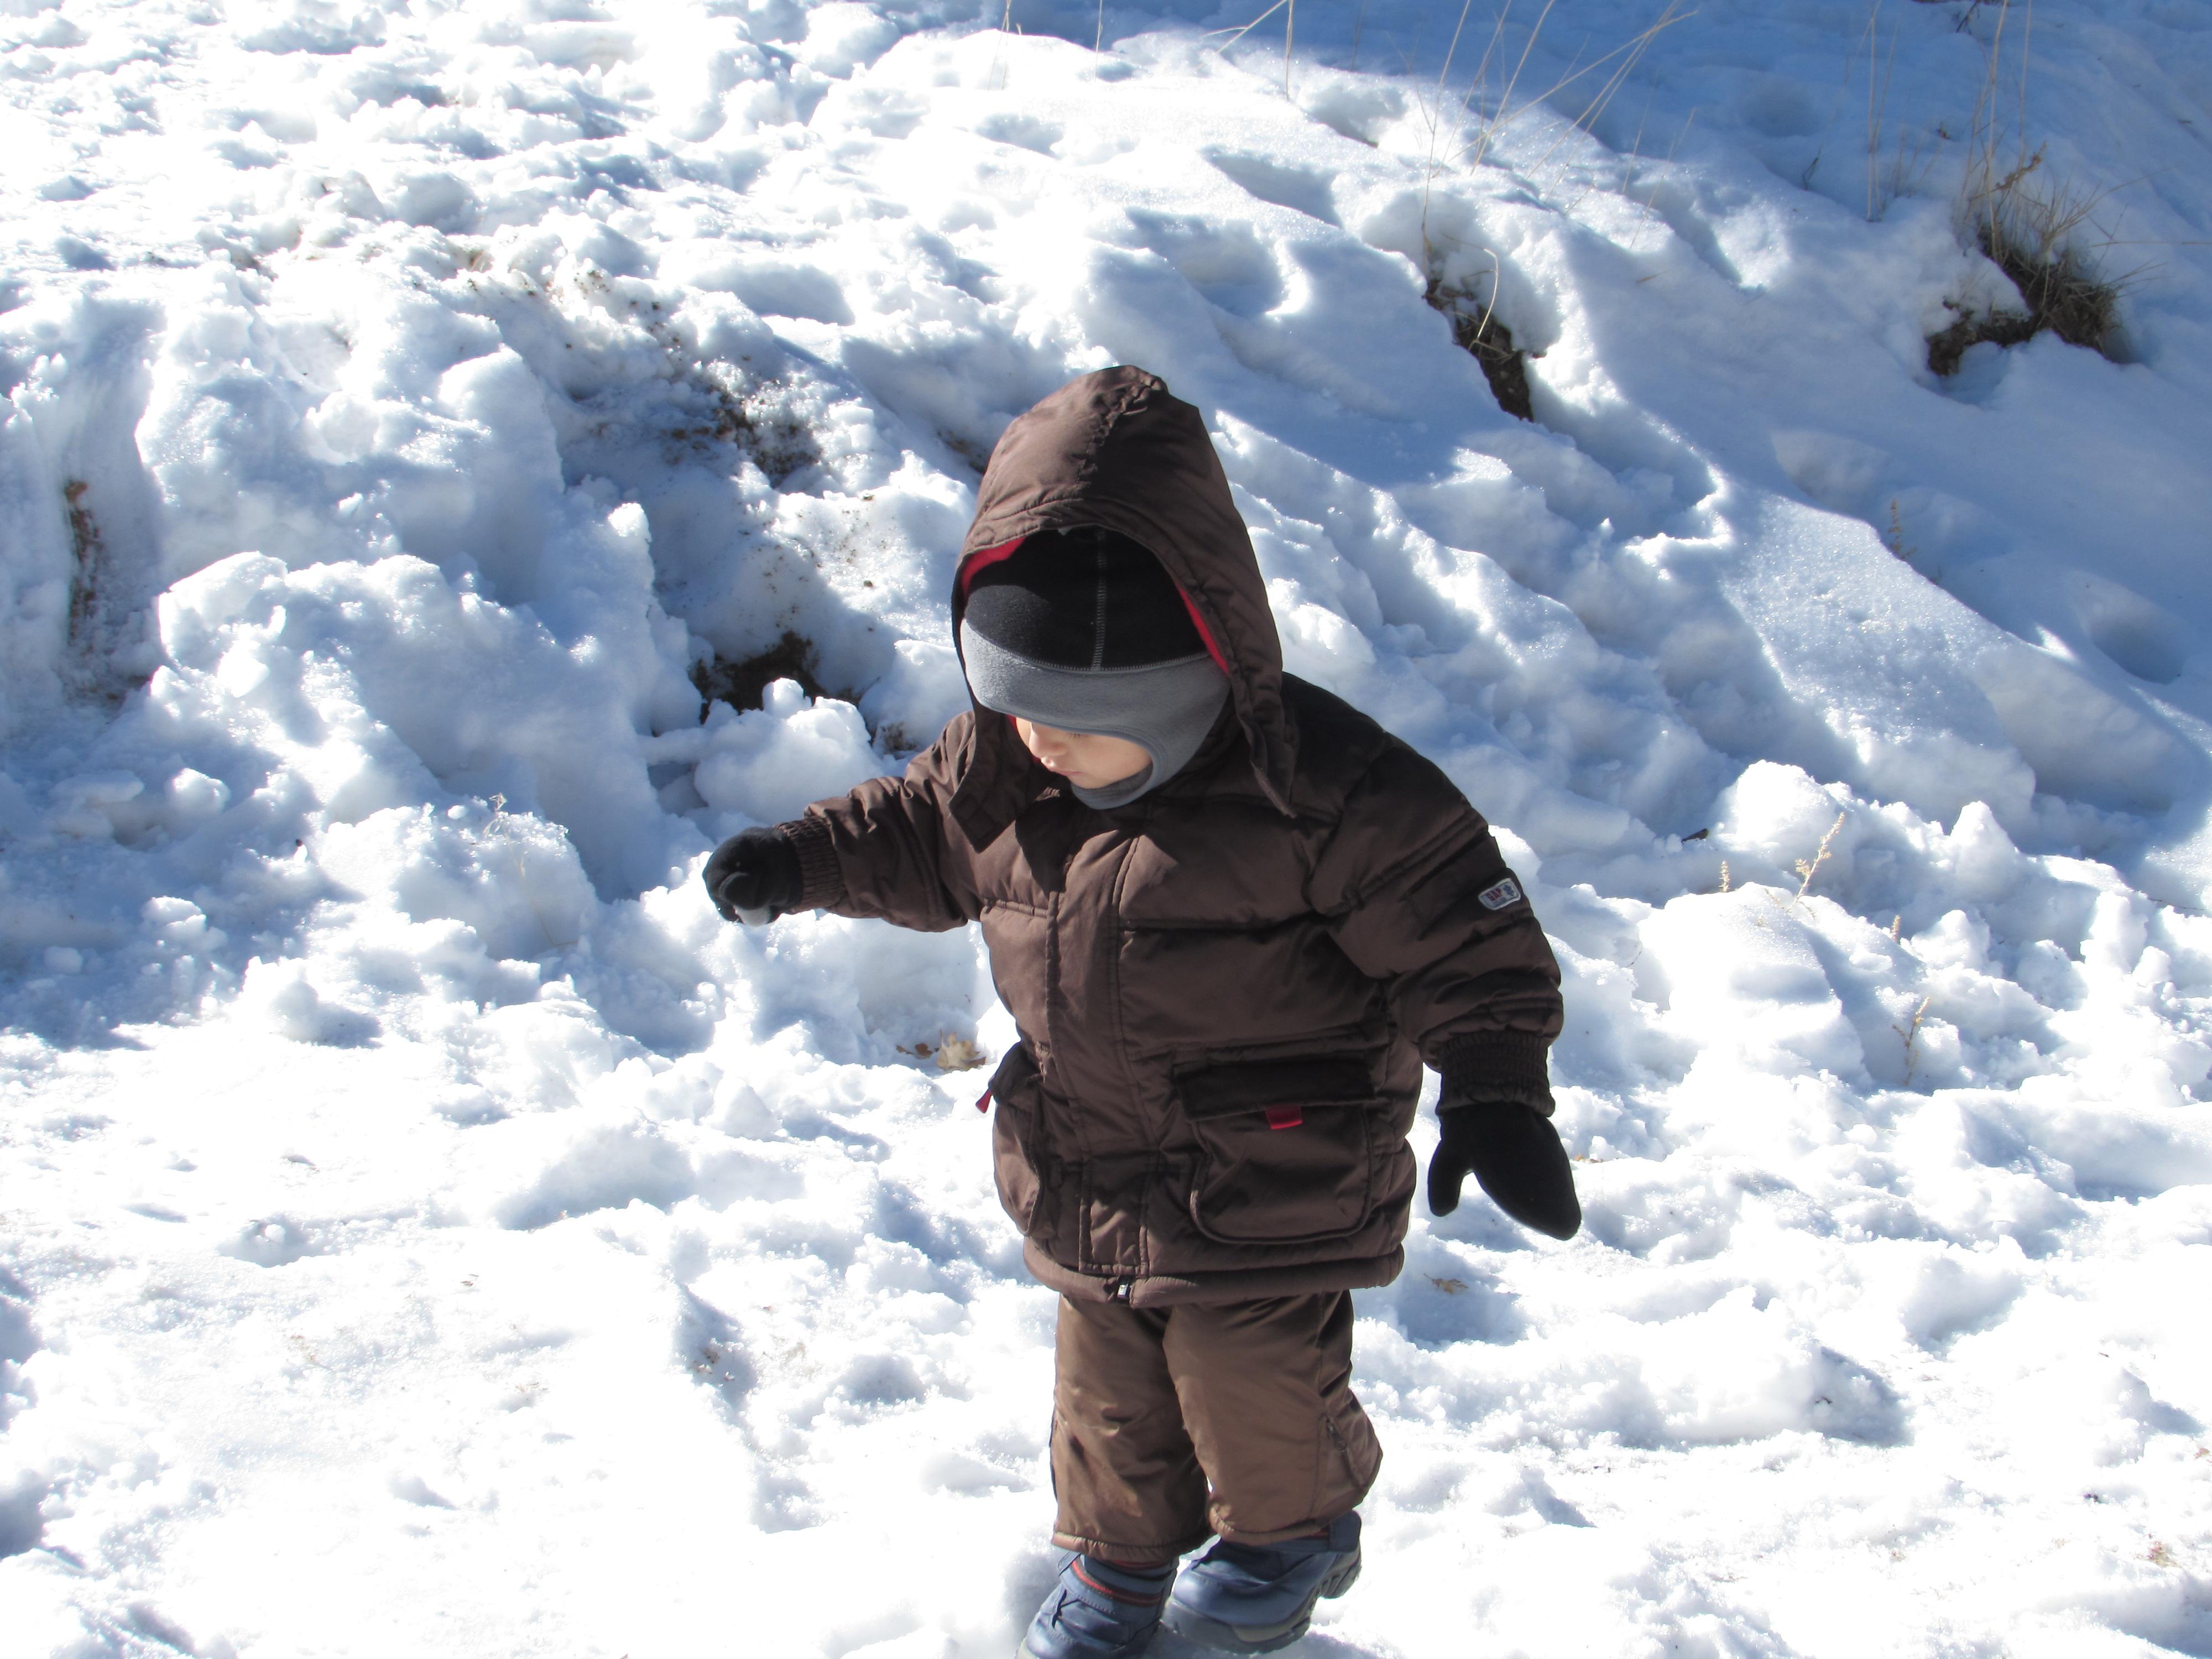 Sammy y su ropa de Nieve